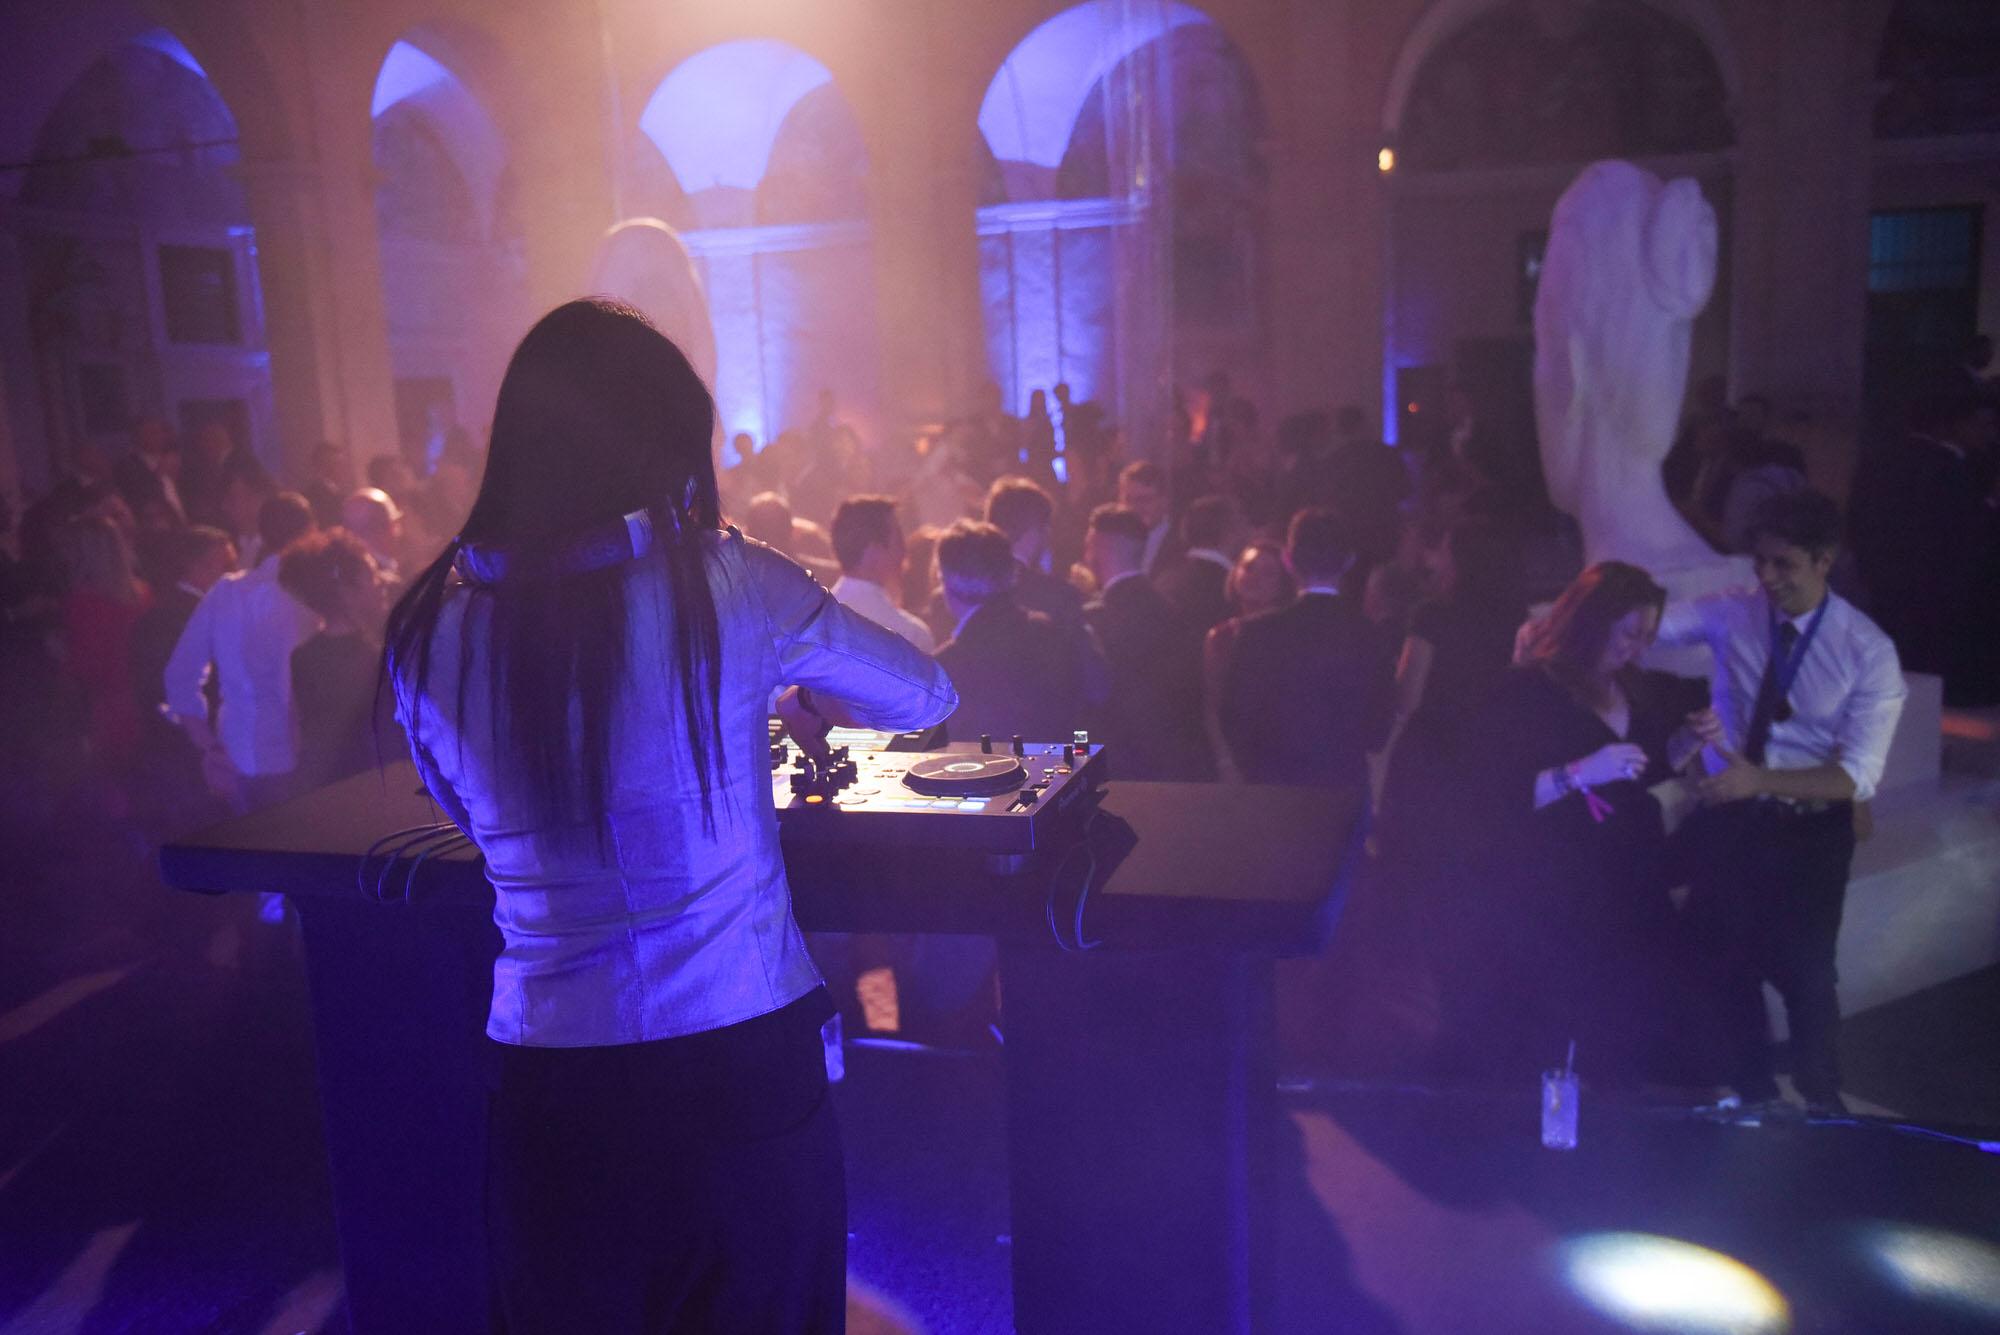 dreams-christmas-party-gruppo-peroni-eventi-11